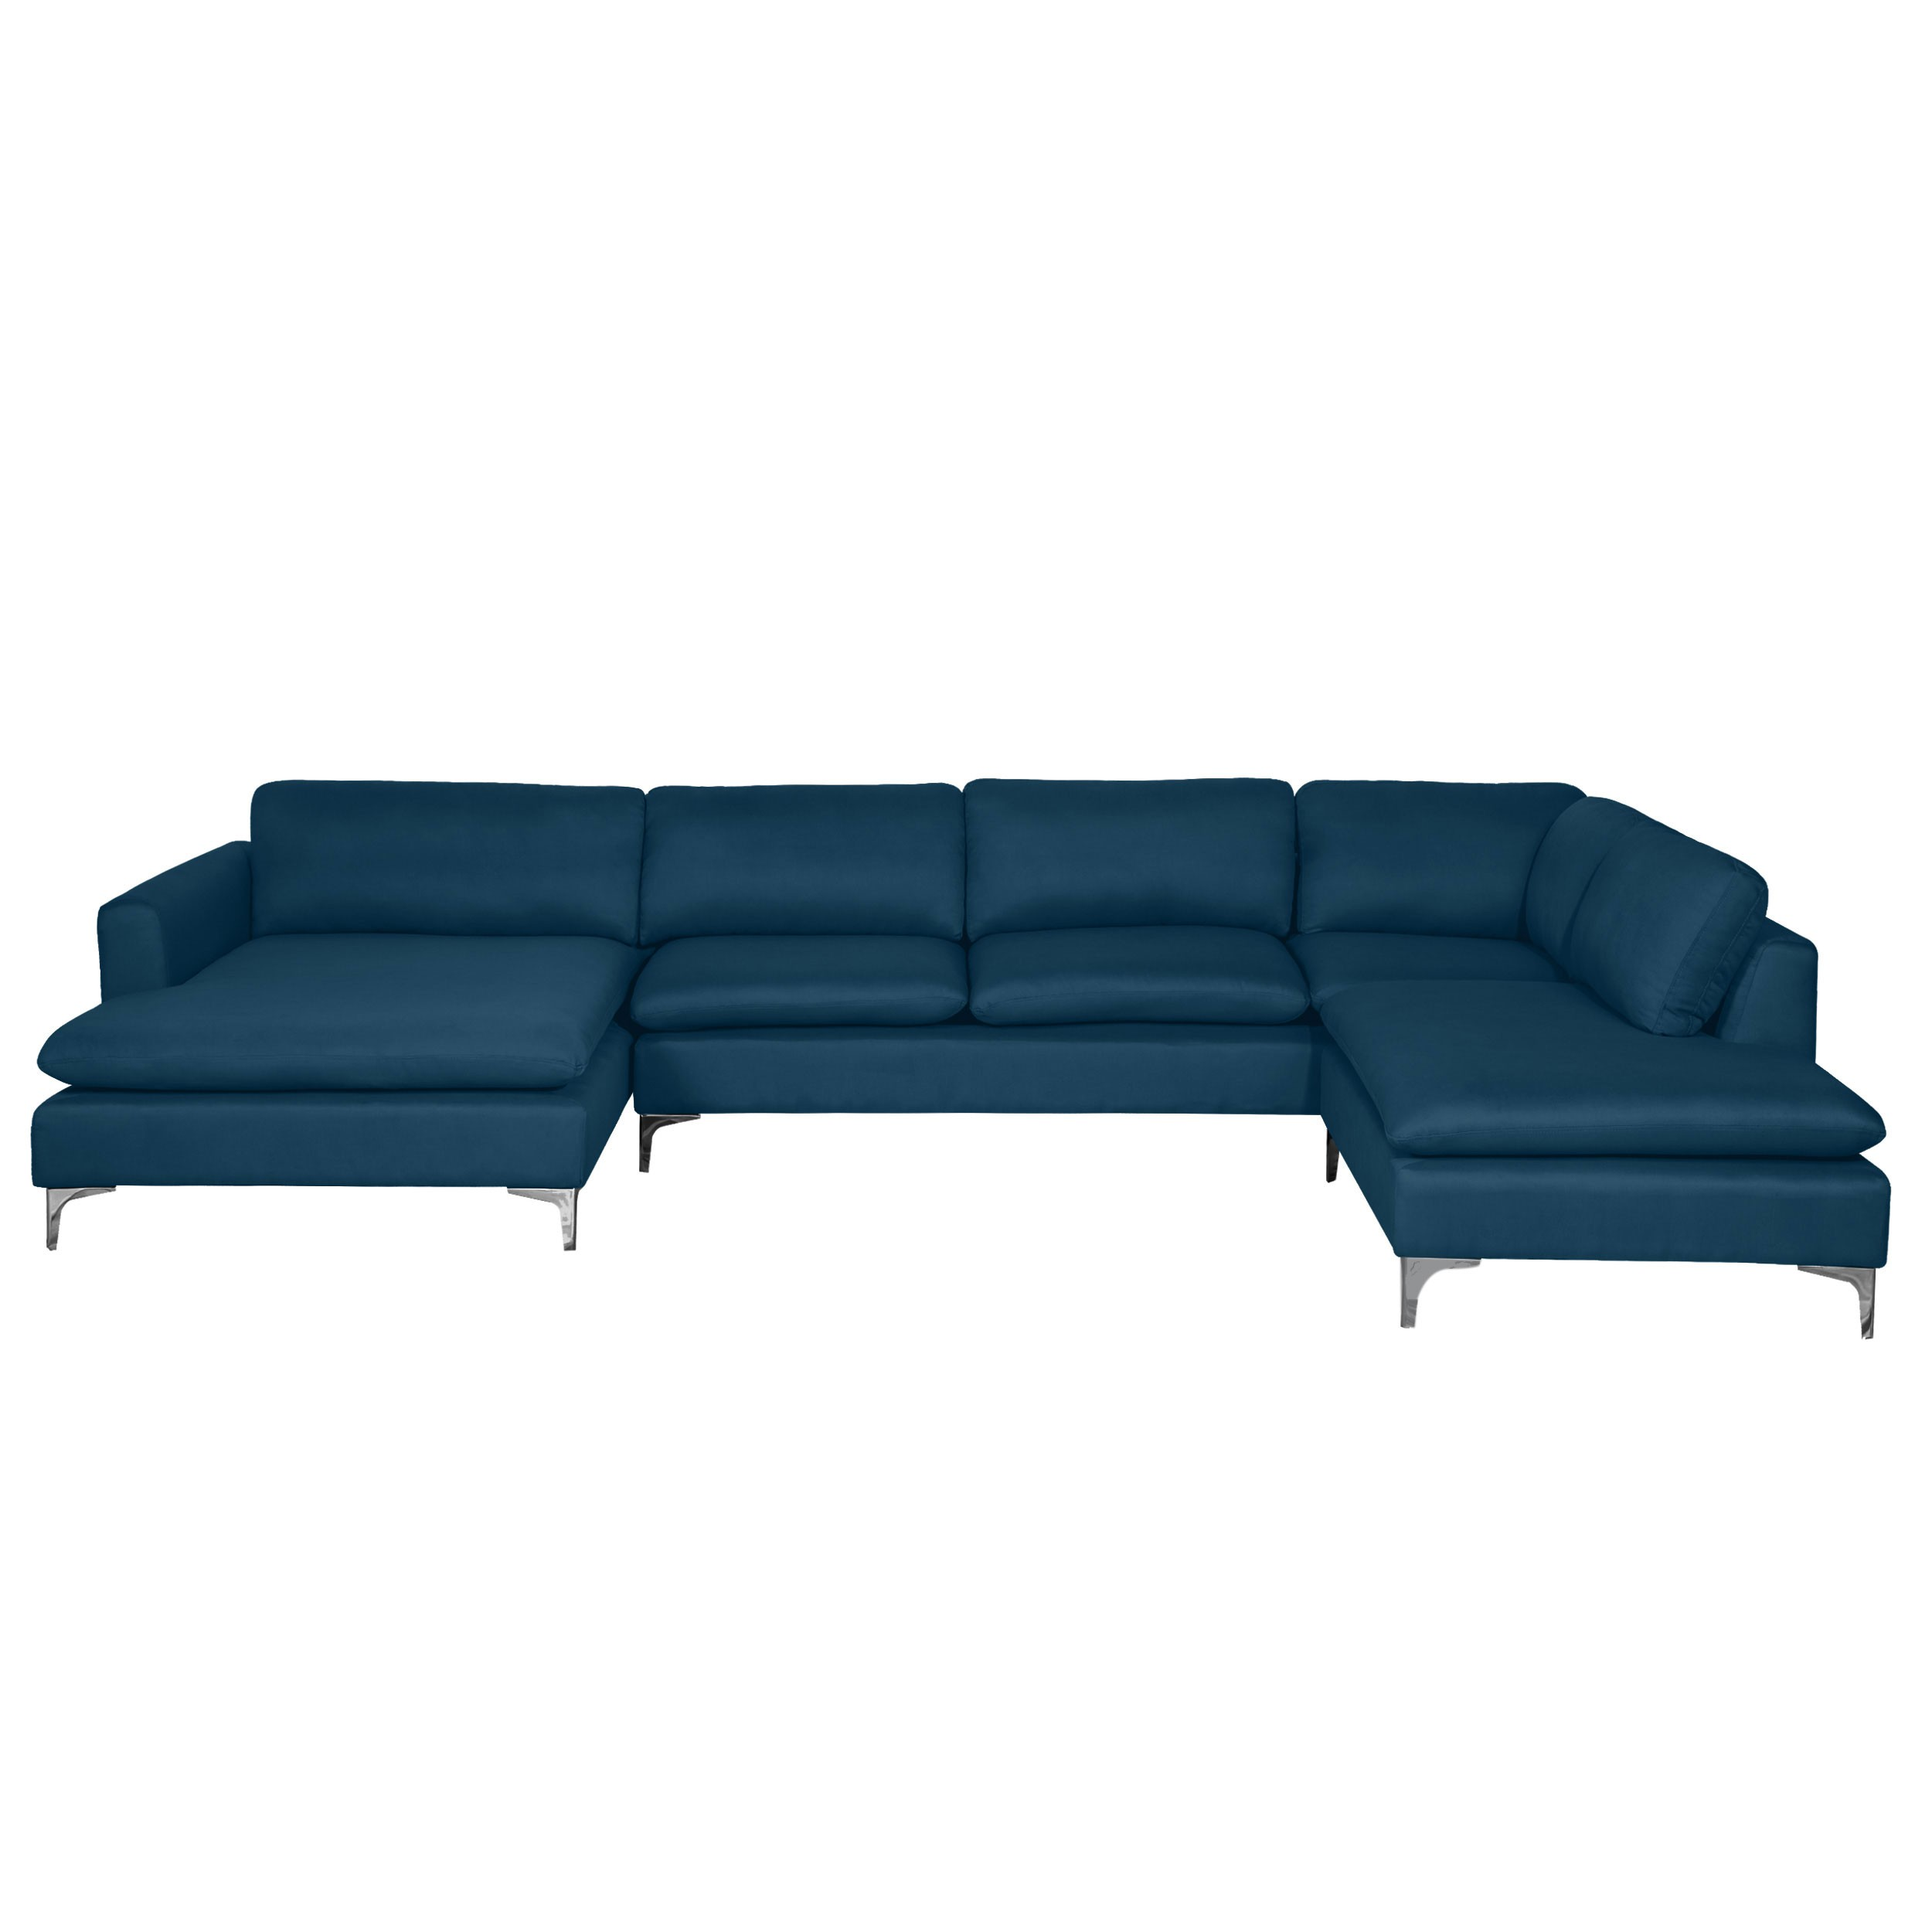 canap d 39 angle cleveland en u bleu fonc optez pour nos canap s d 39 angle cleveland en u bleu. Black Bedroom Furniture Sets. Home Design Ideas